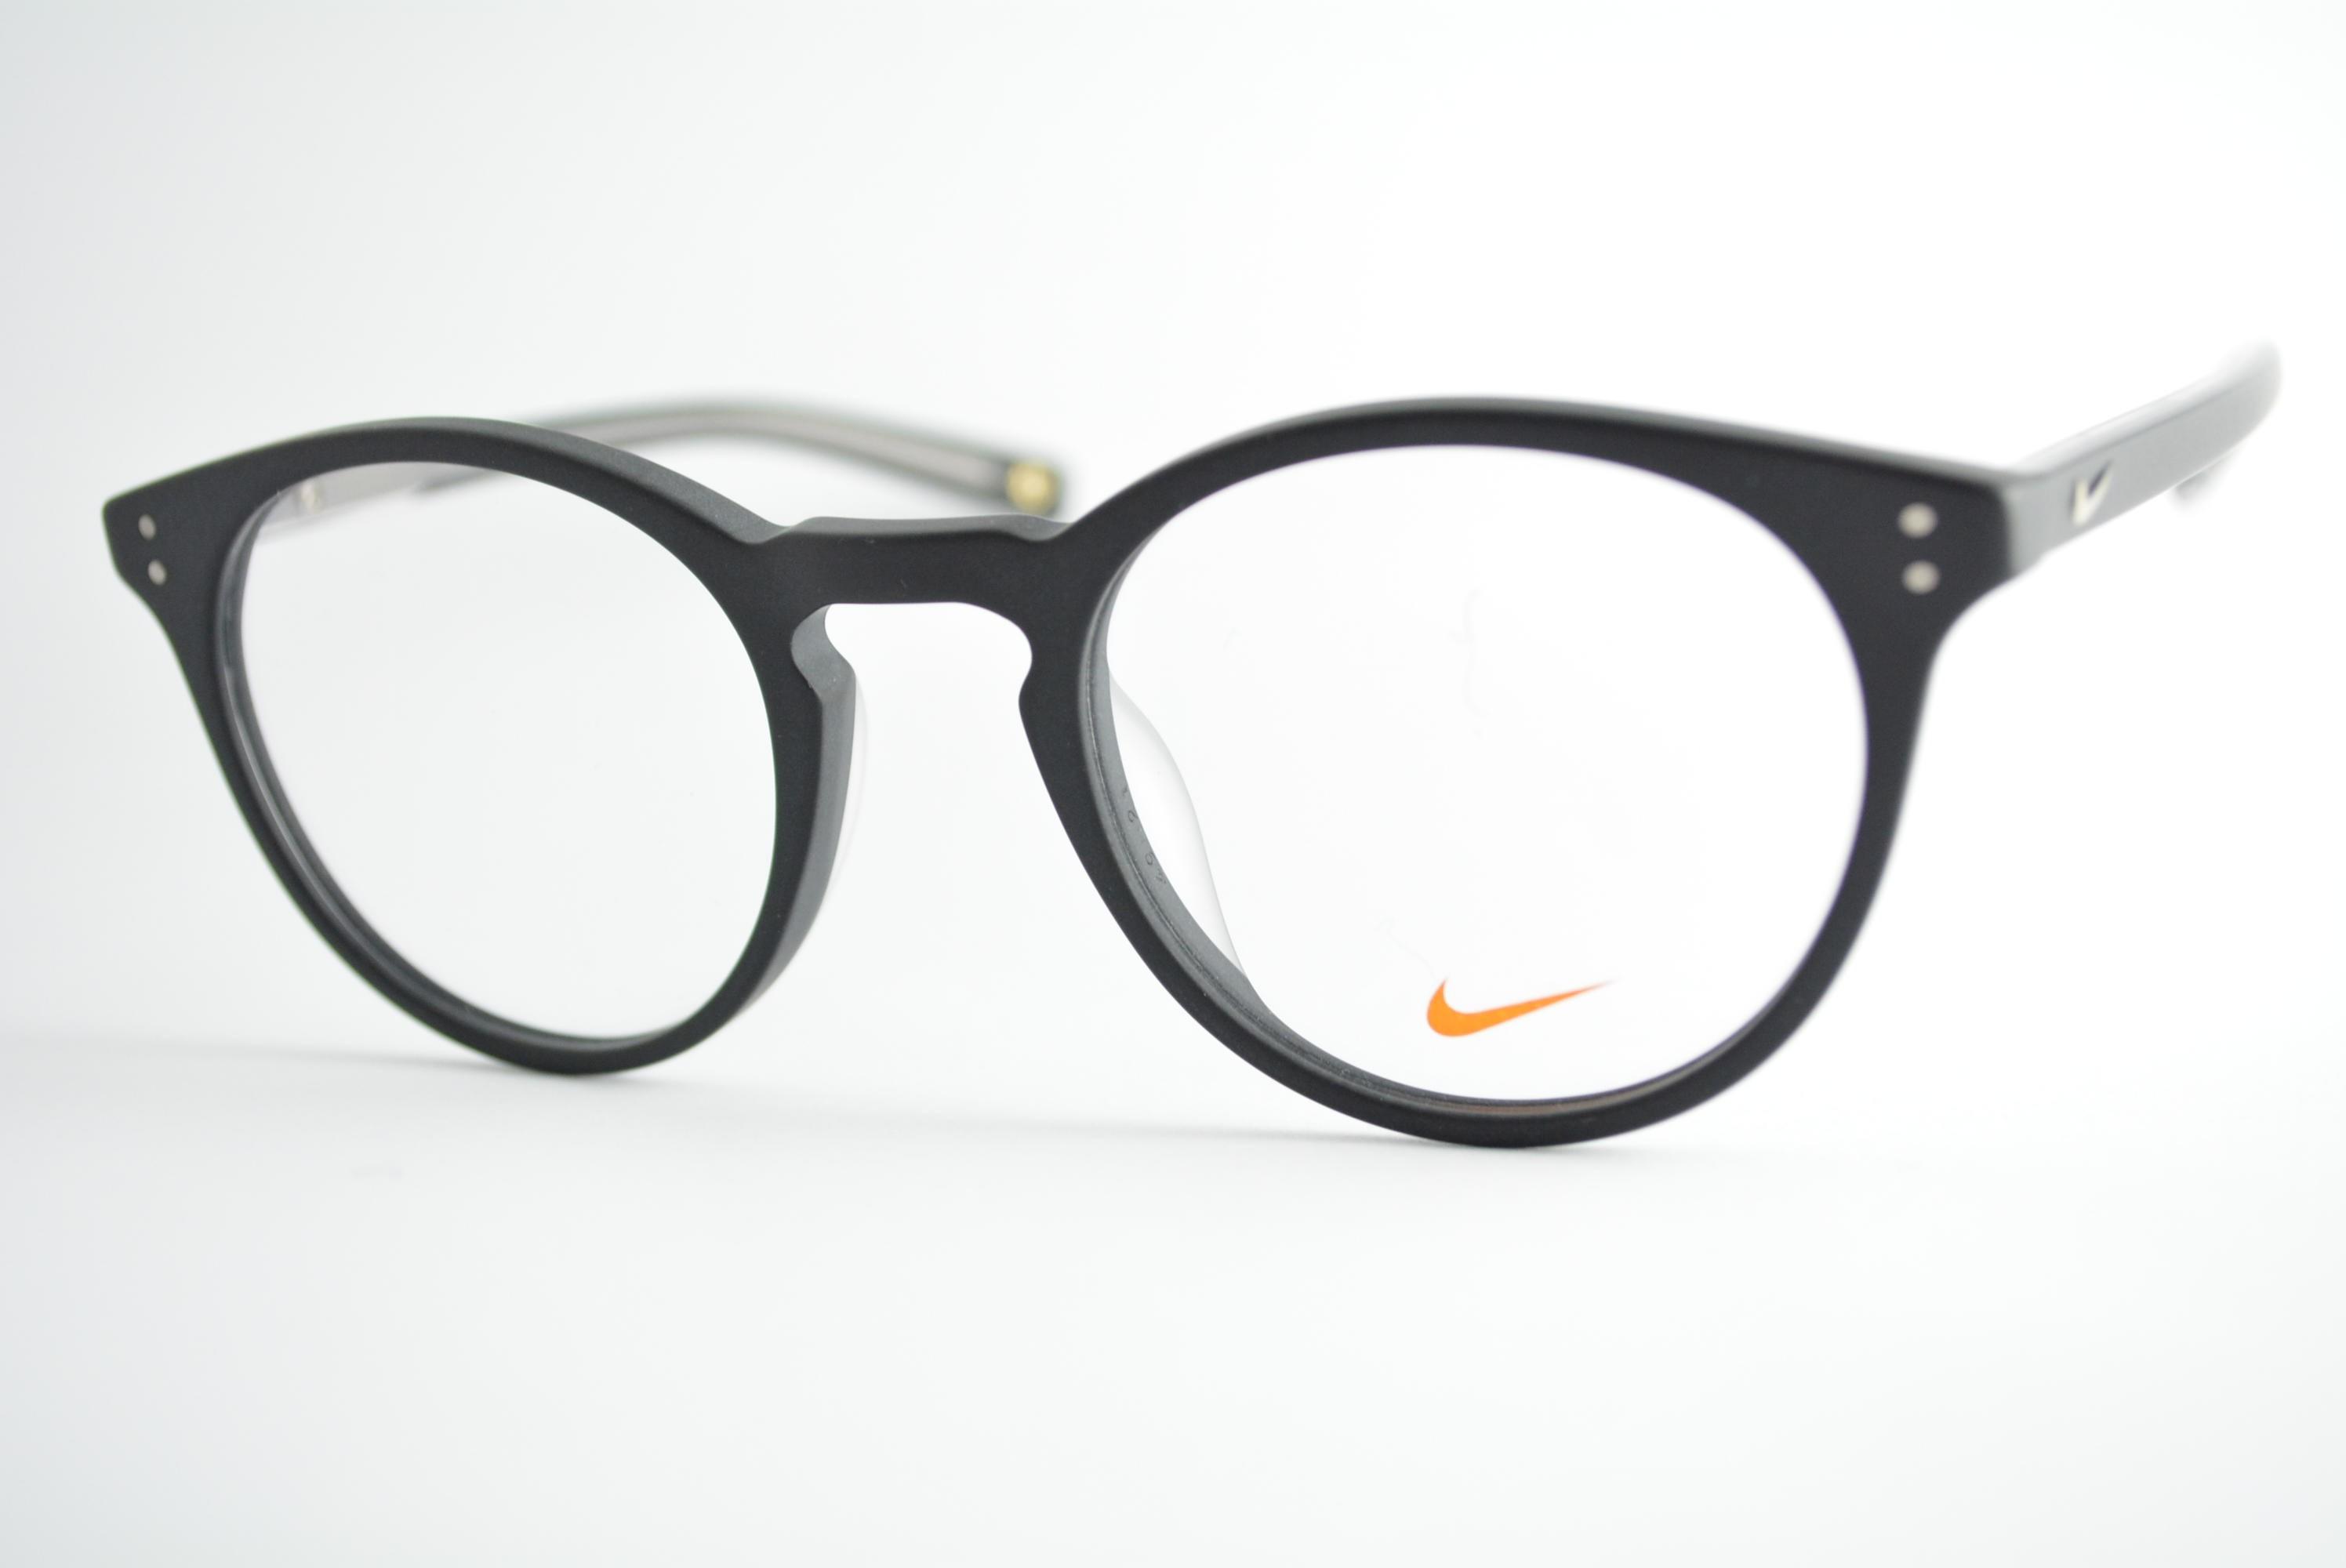 3de6f46c461cf armação de óculos Nike mod 36KD 001 Ótica Cardoso